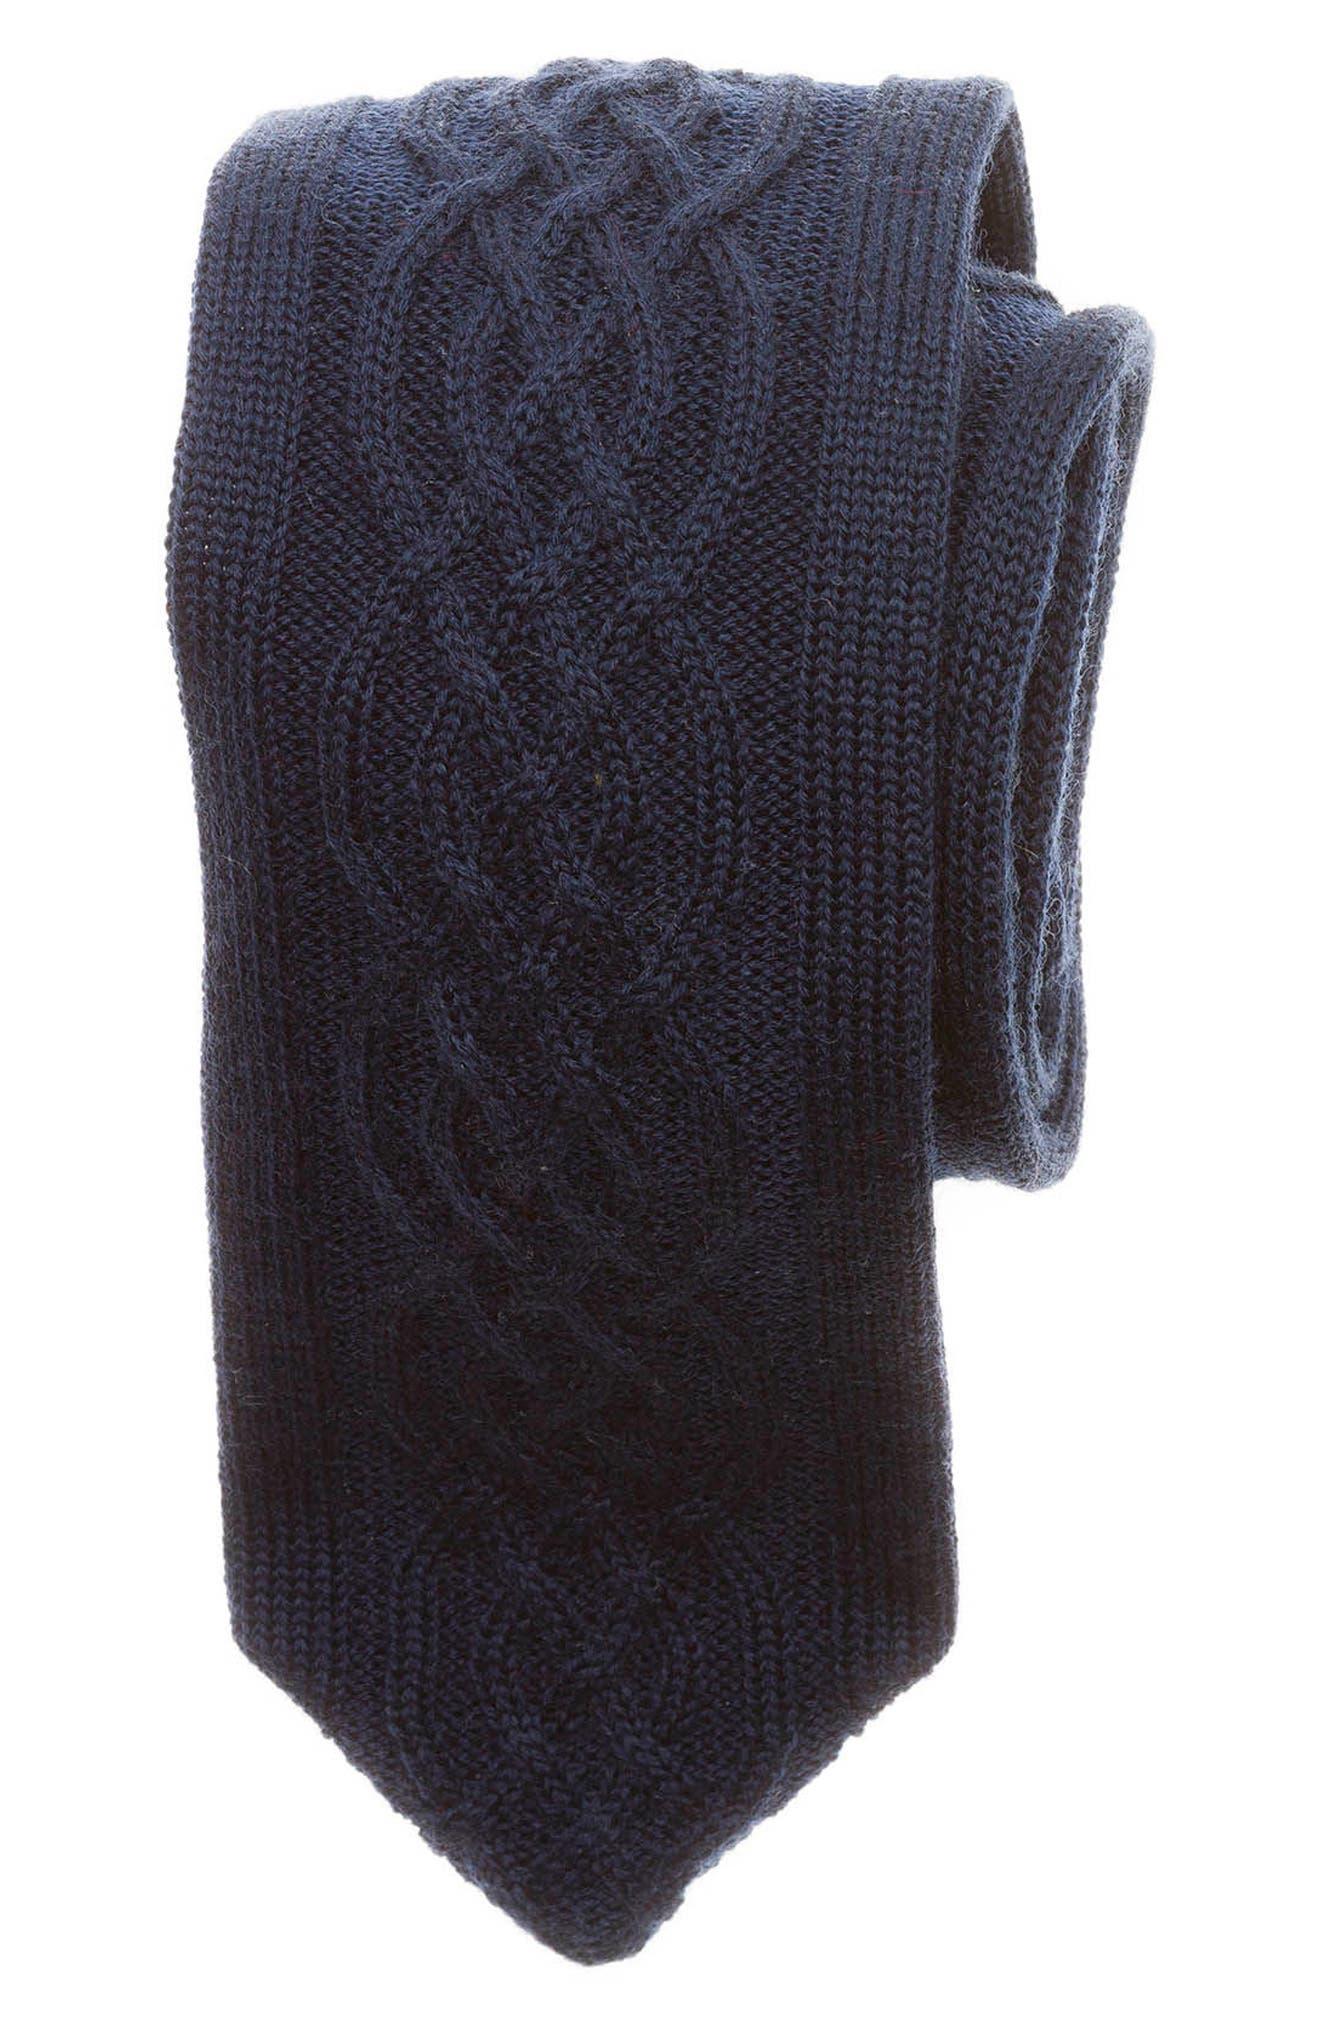 Alternate Image 1 Selected - hook + ALBERT Cable Knit Wool Tie